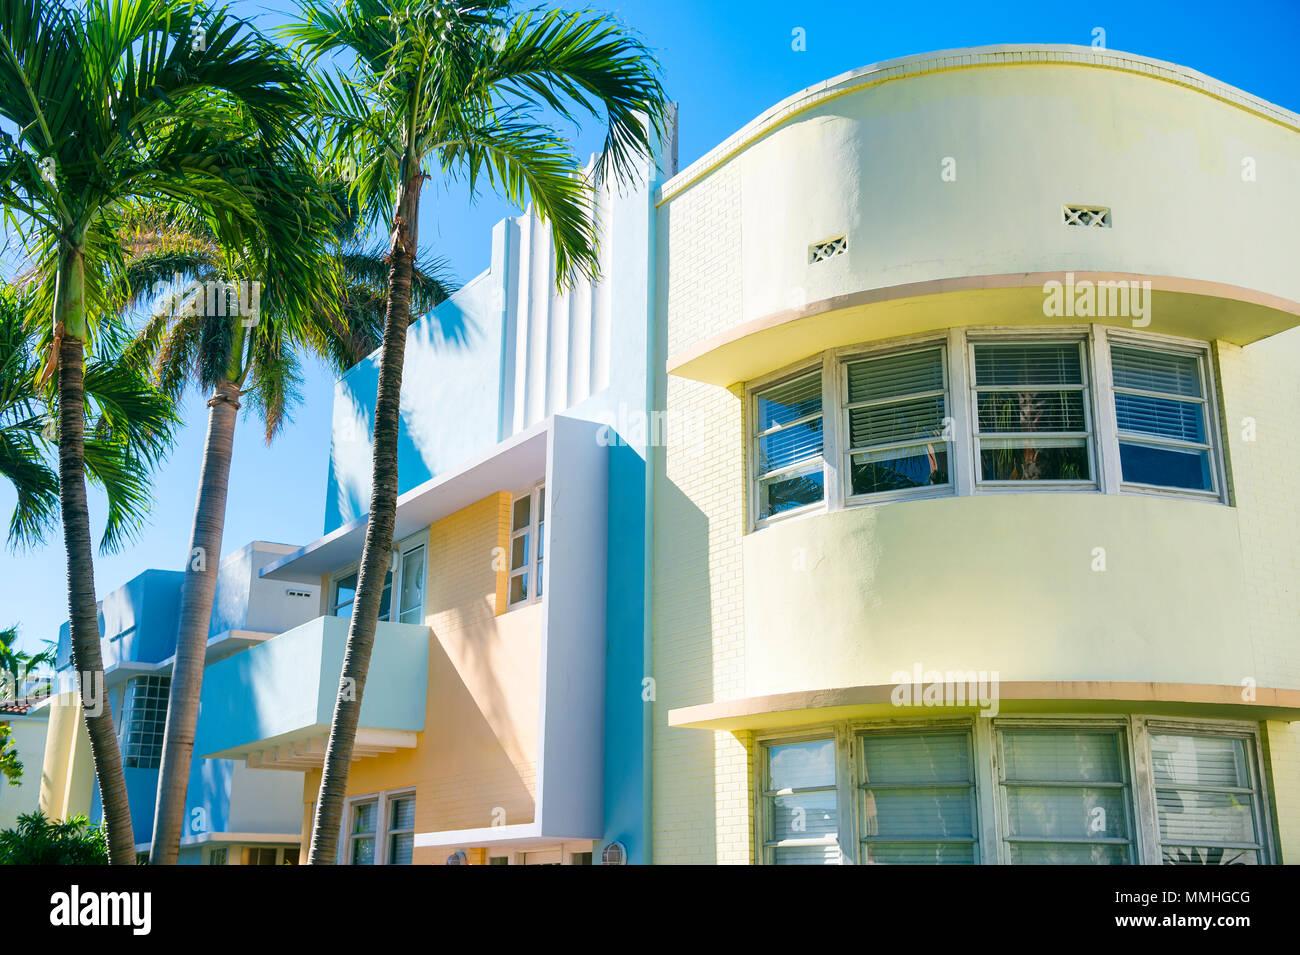 Pastello tipici-colorfed 1930 architettura Art Deco con palme a Miami in Florida Immagini Stock